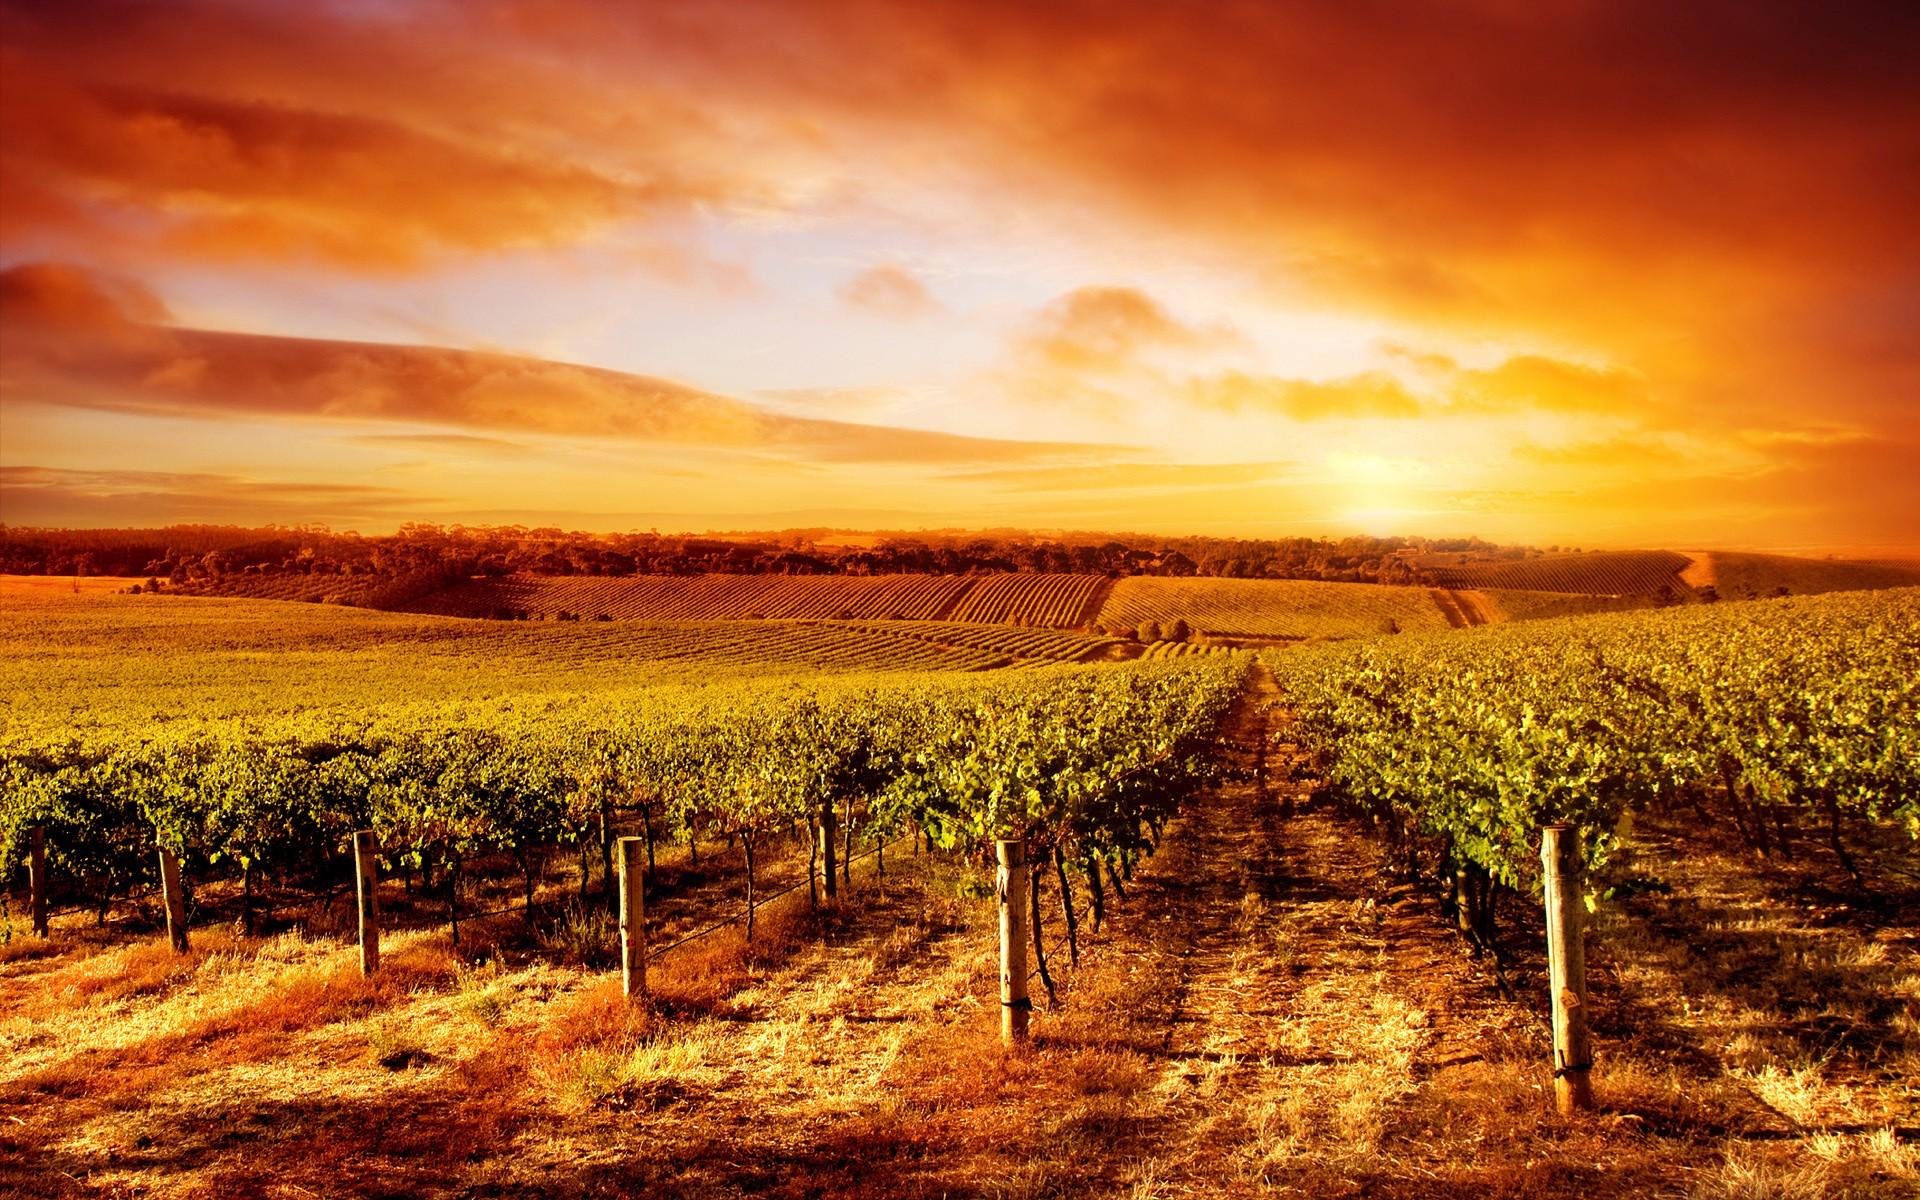 vineyard garden wallpaper desktop 6686 wallpaper high resolution